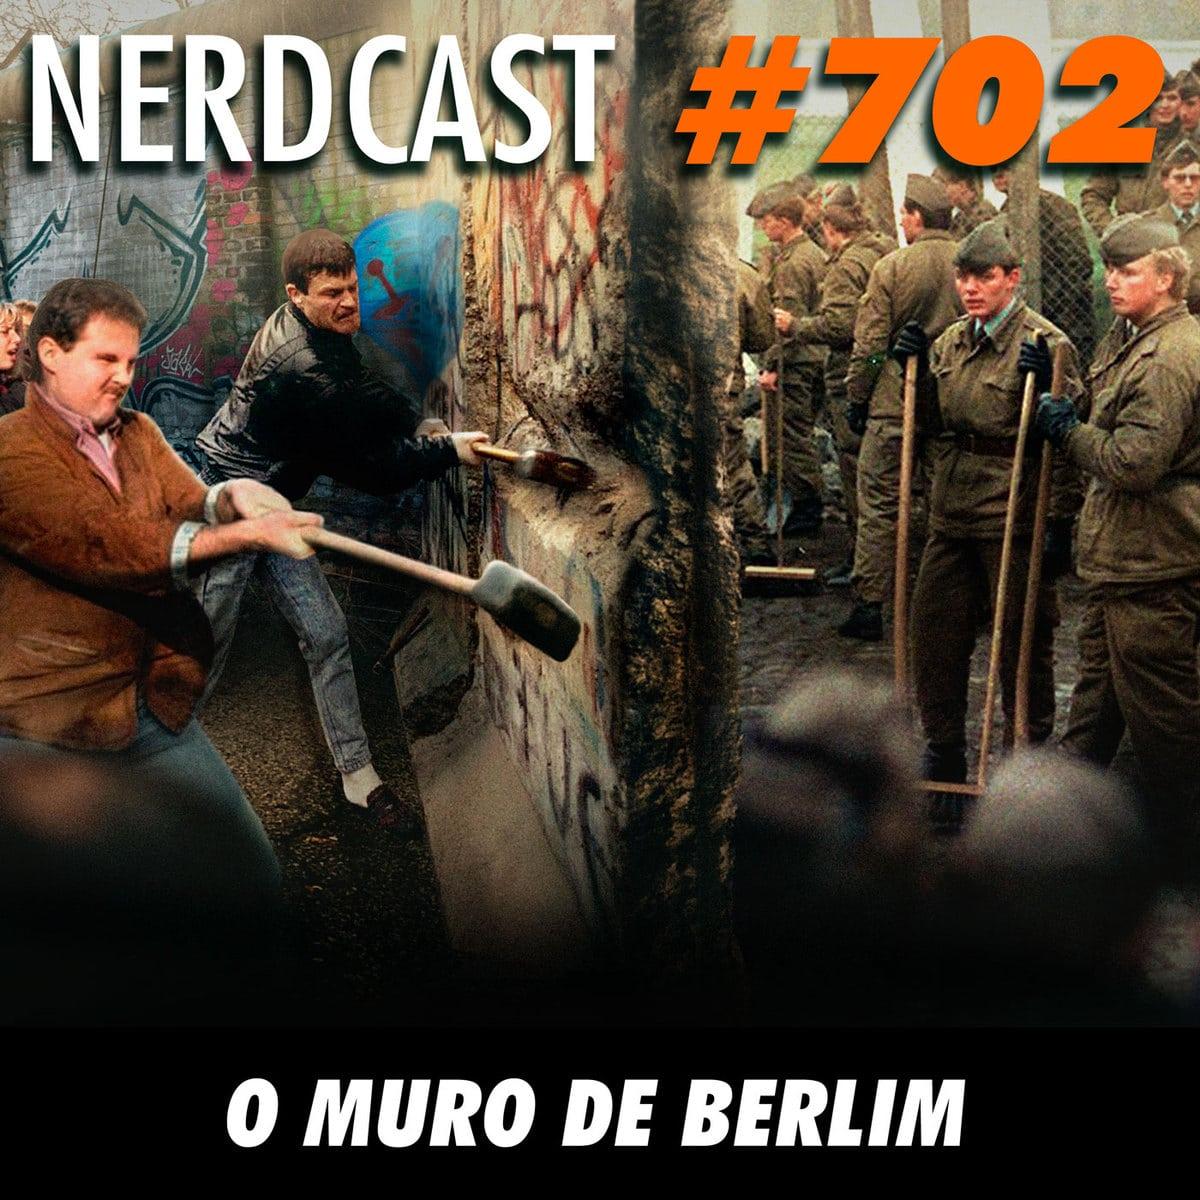 NerdCast 702 - O Muro de Berlim